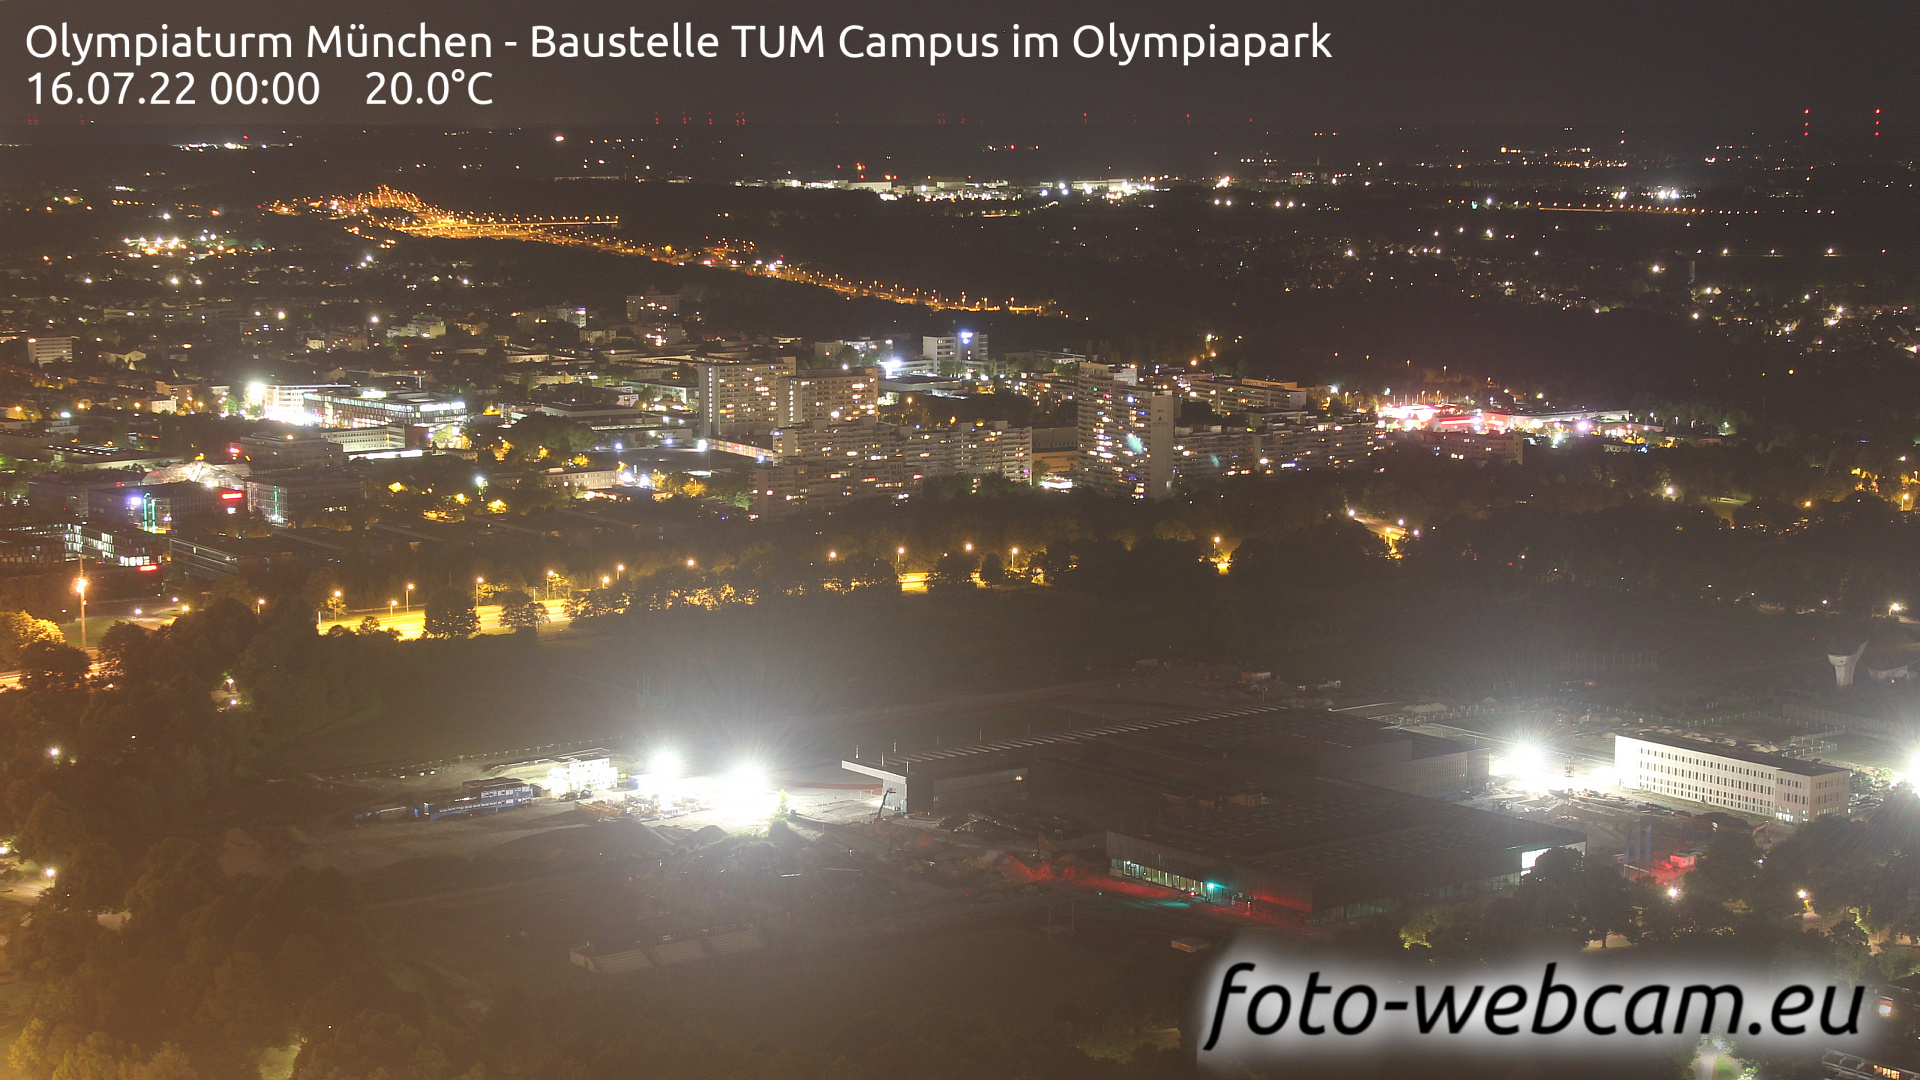 Munich Wed. 00:30